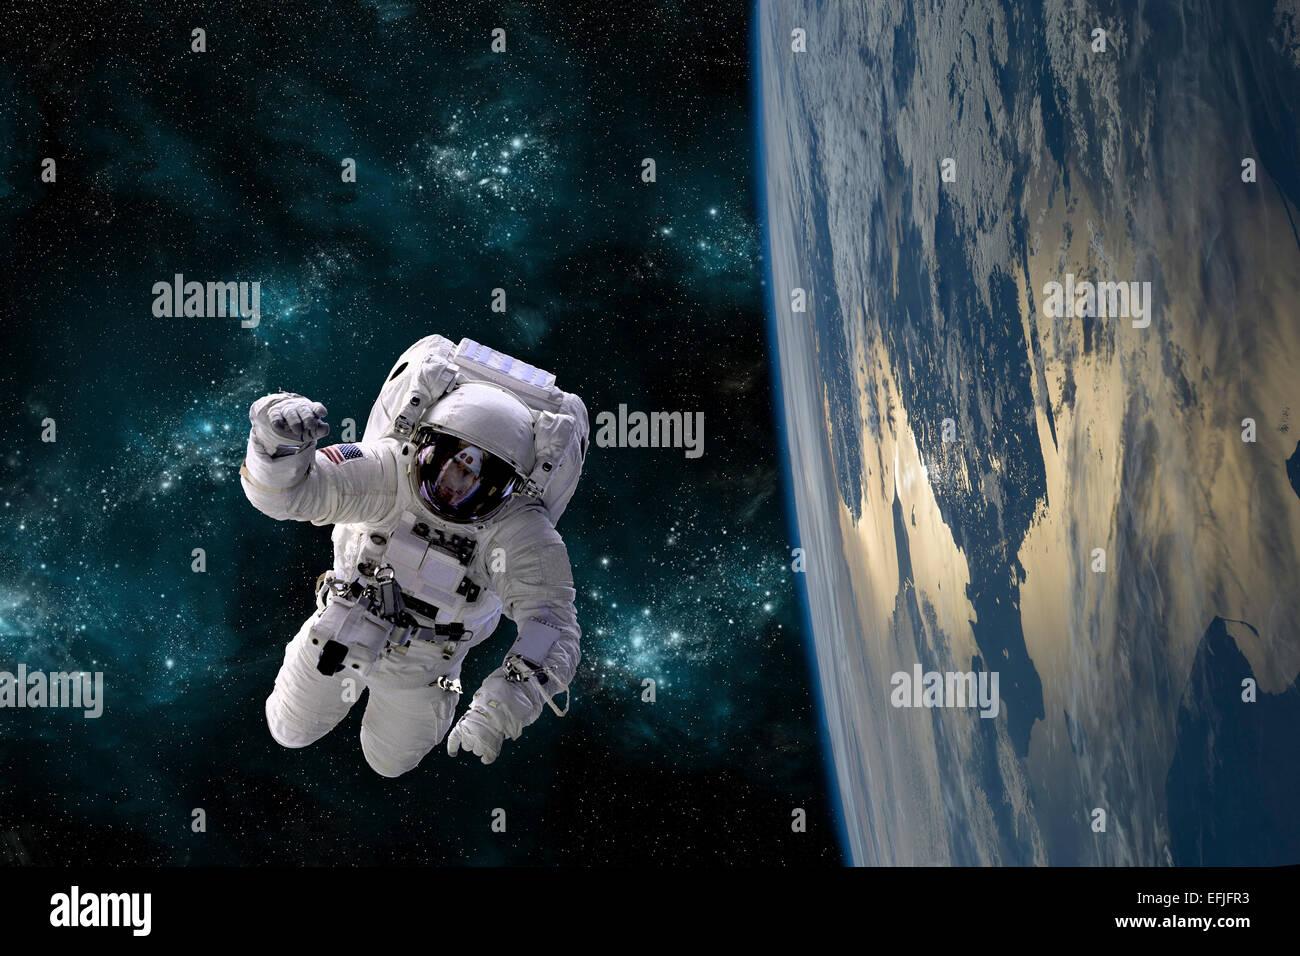 Un artiste pour l'inscription d'un astronaute flottant dans l'espace tout en gravitant autour d'une Photo Stock